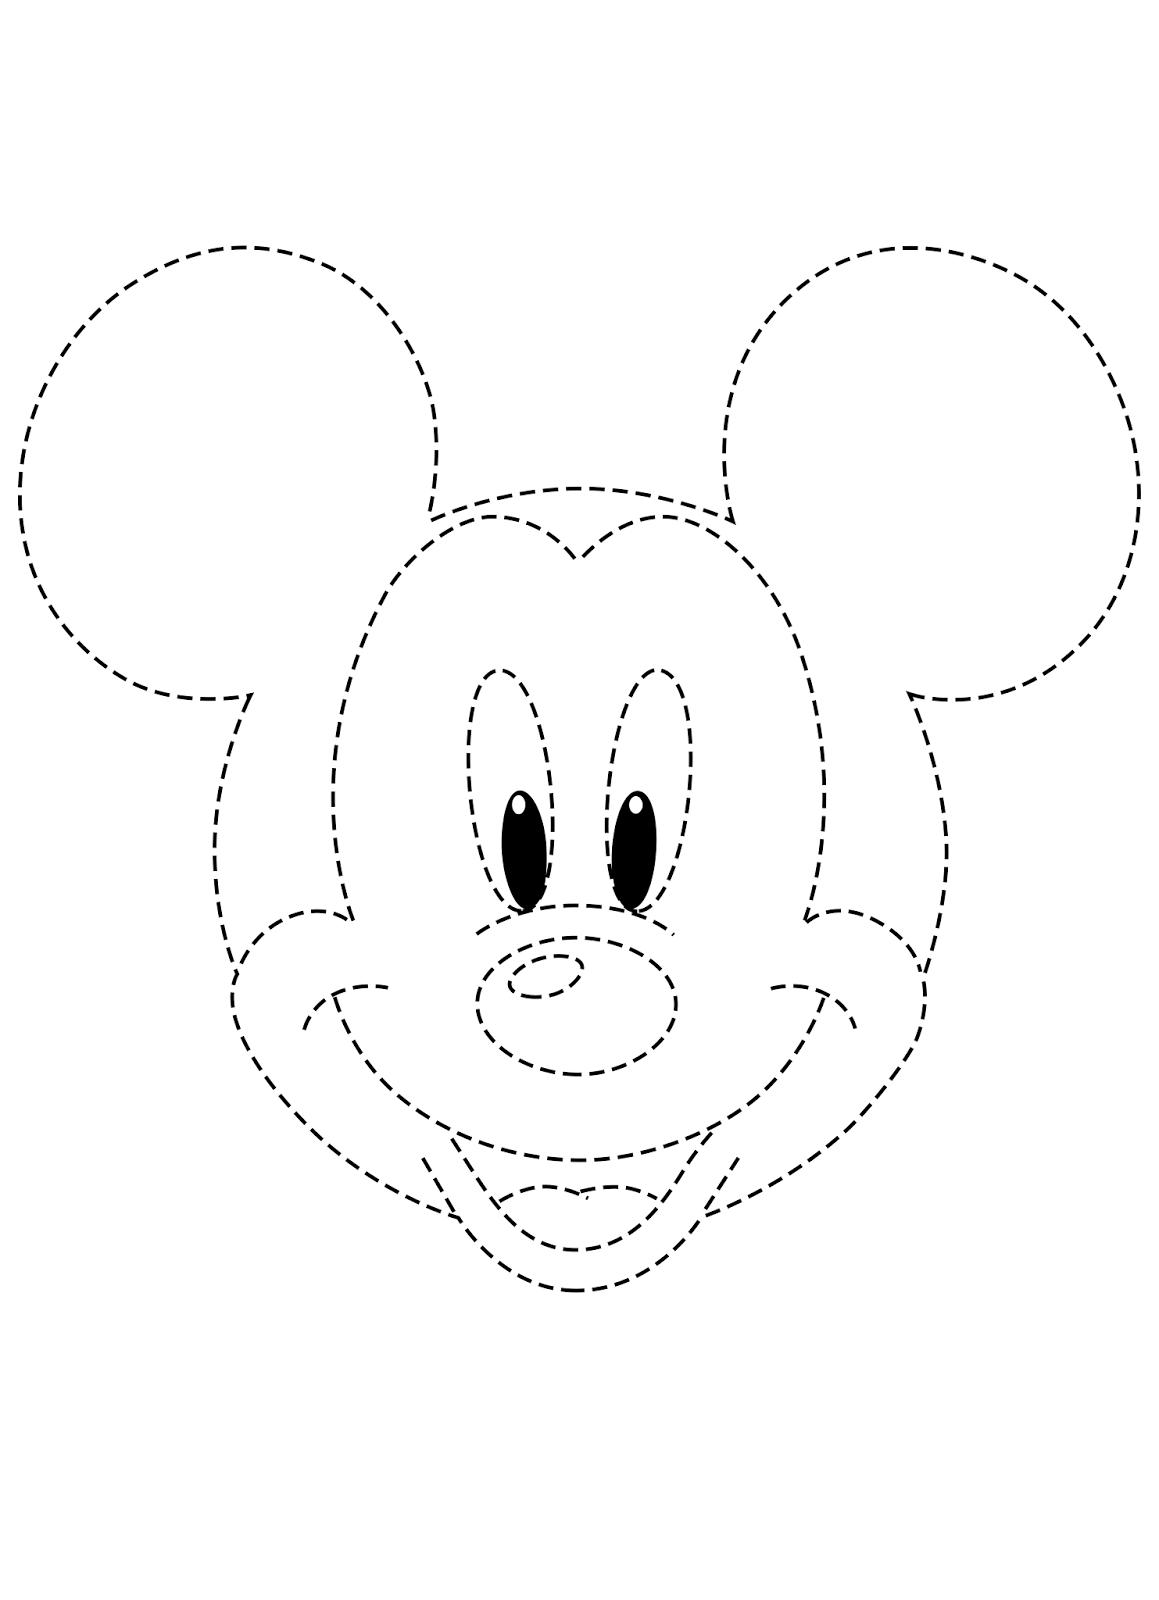 Desenhos Pontilhados Para Imprimir – Matring Org